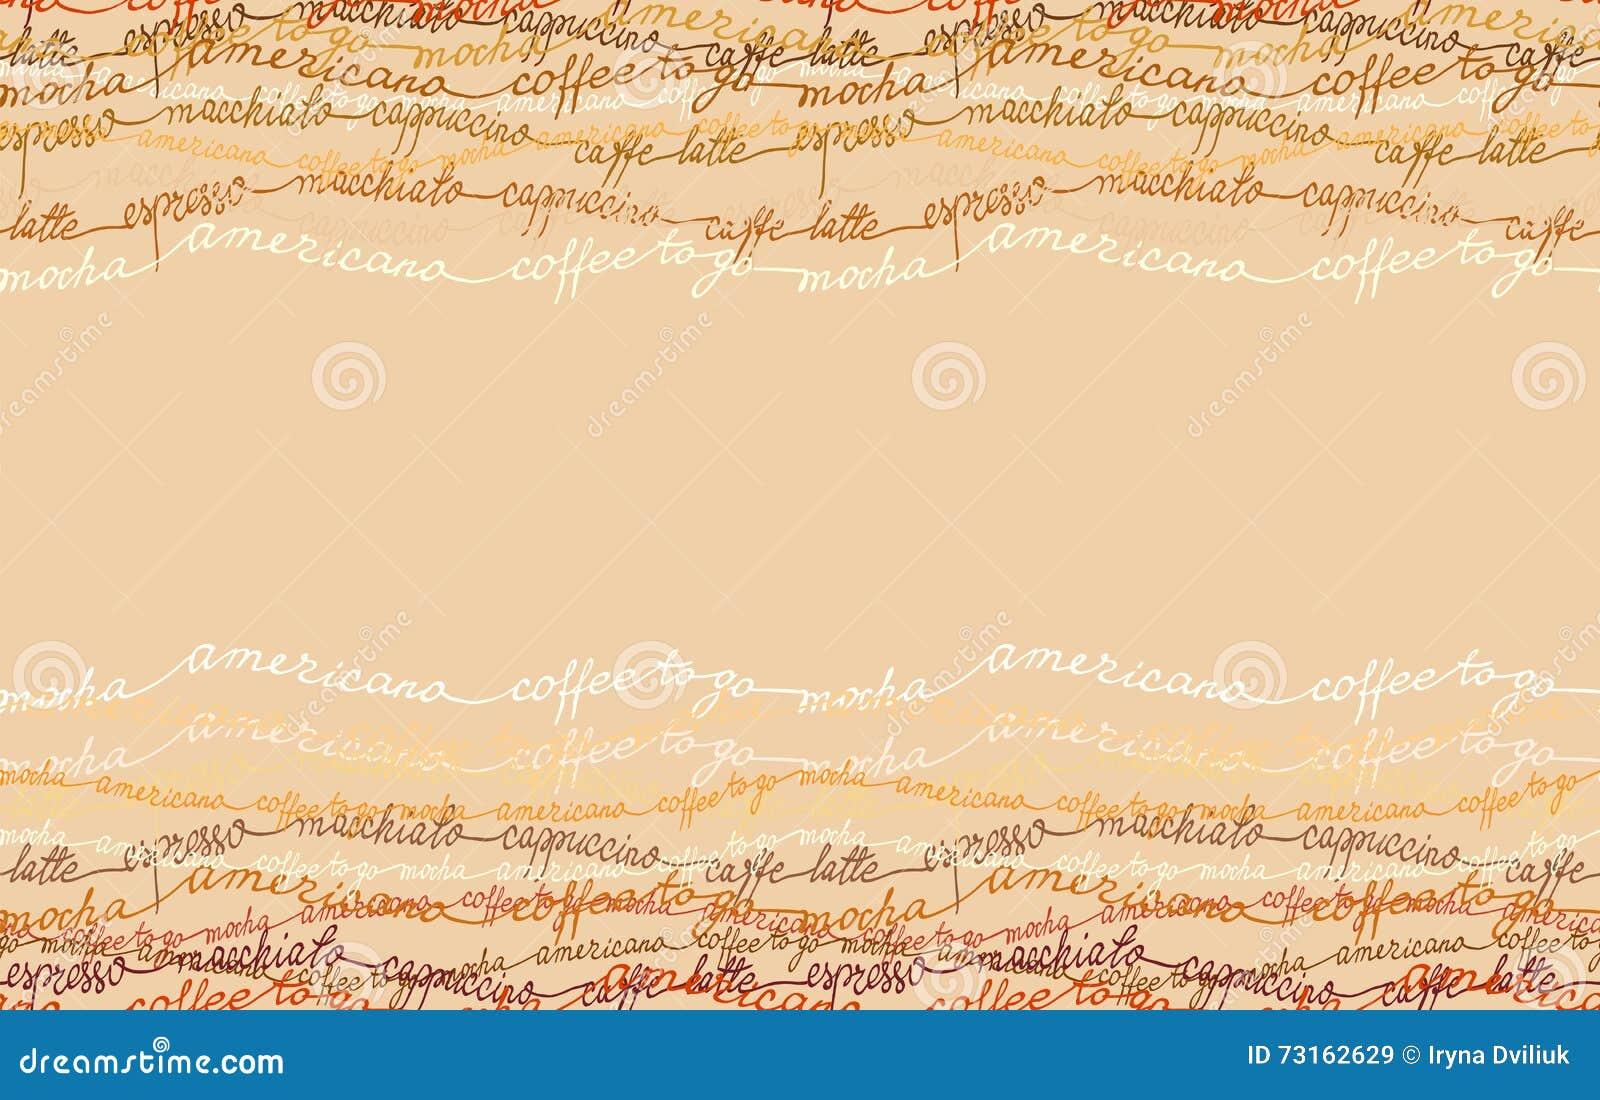 Abstract koffieontwerp met tekst